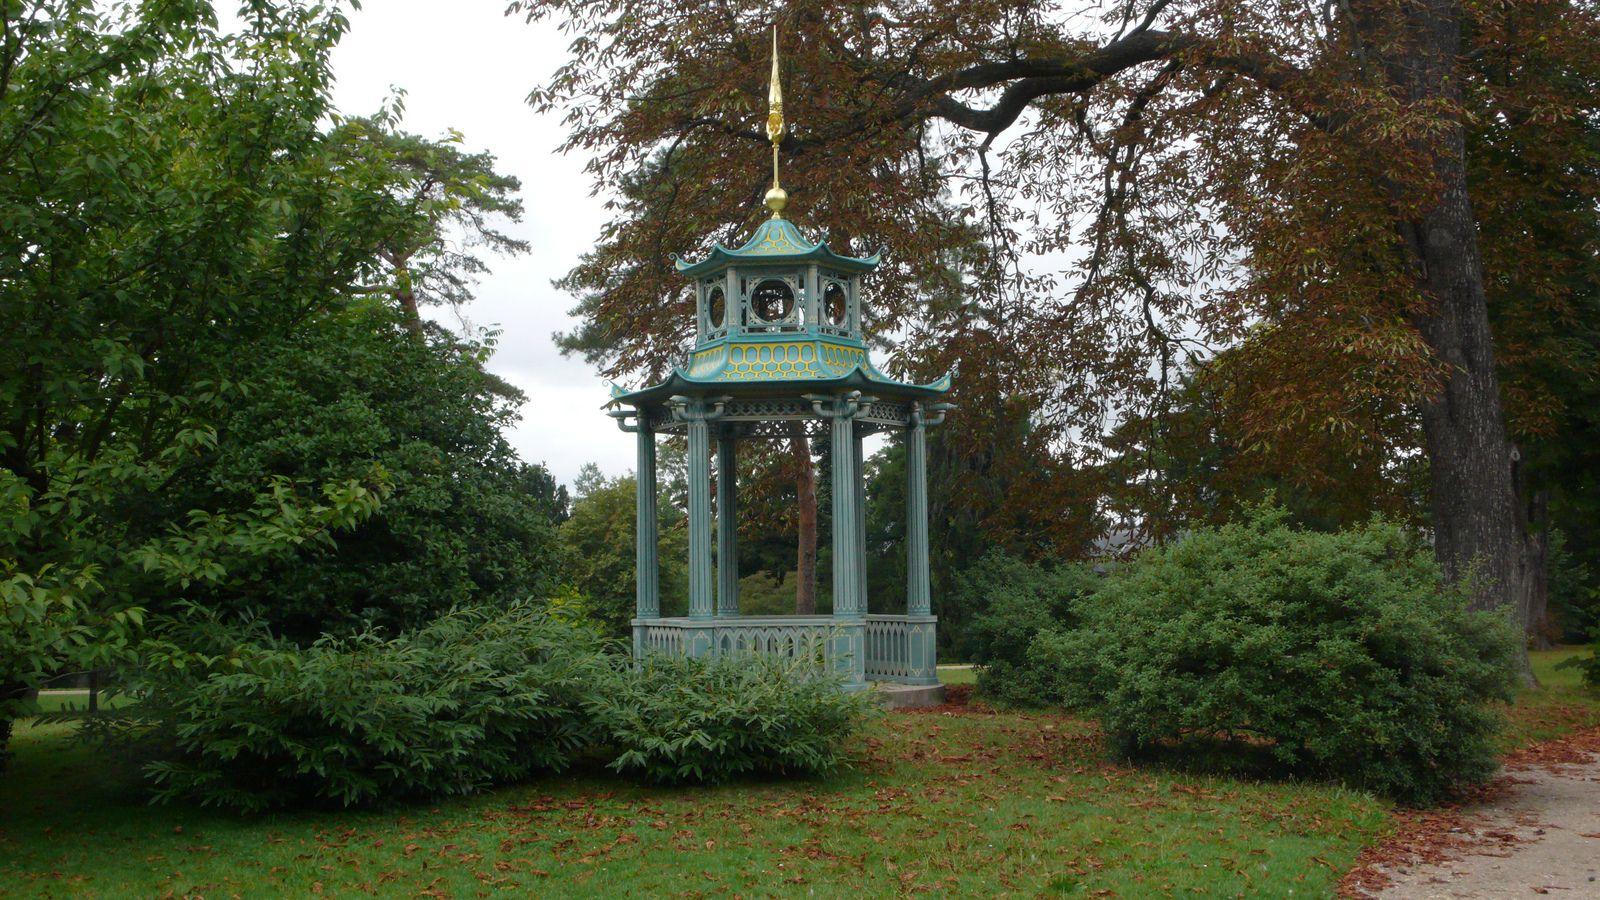 Paris Les jardins de Bagatelle - Pagode   da jeanlouisallix